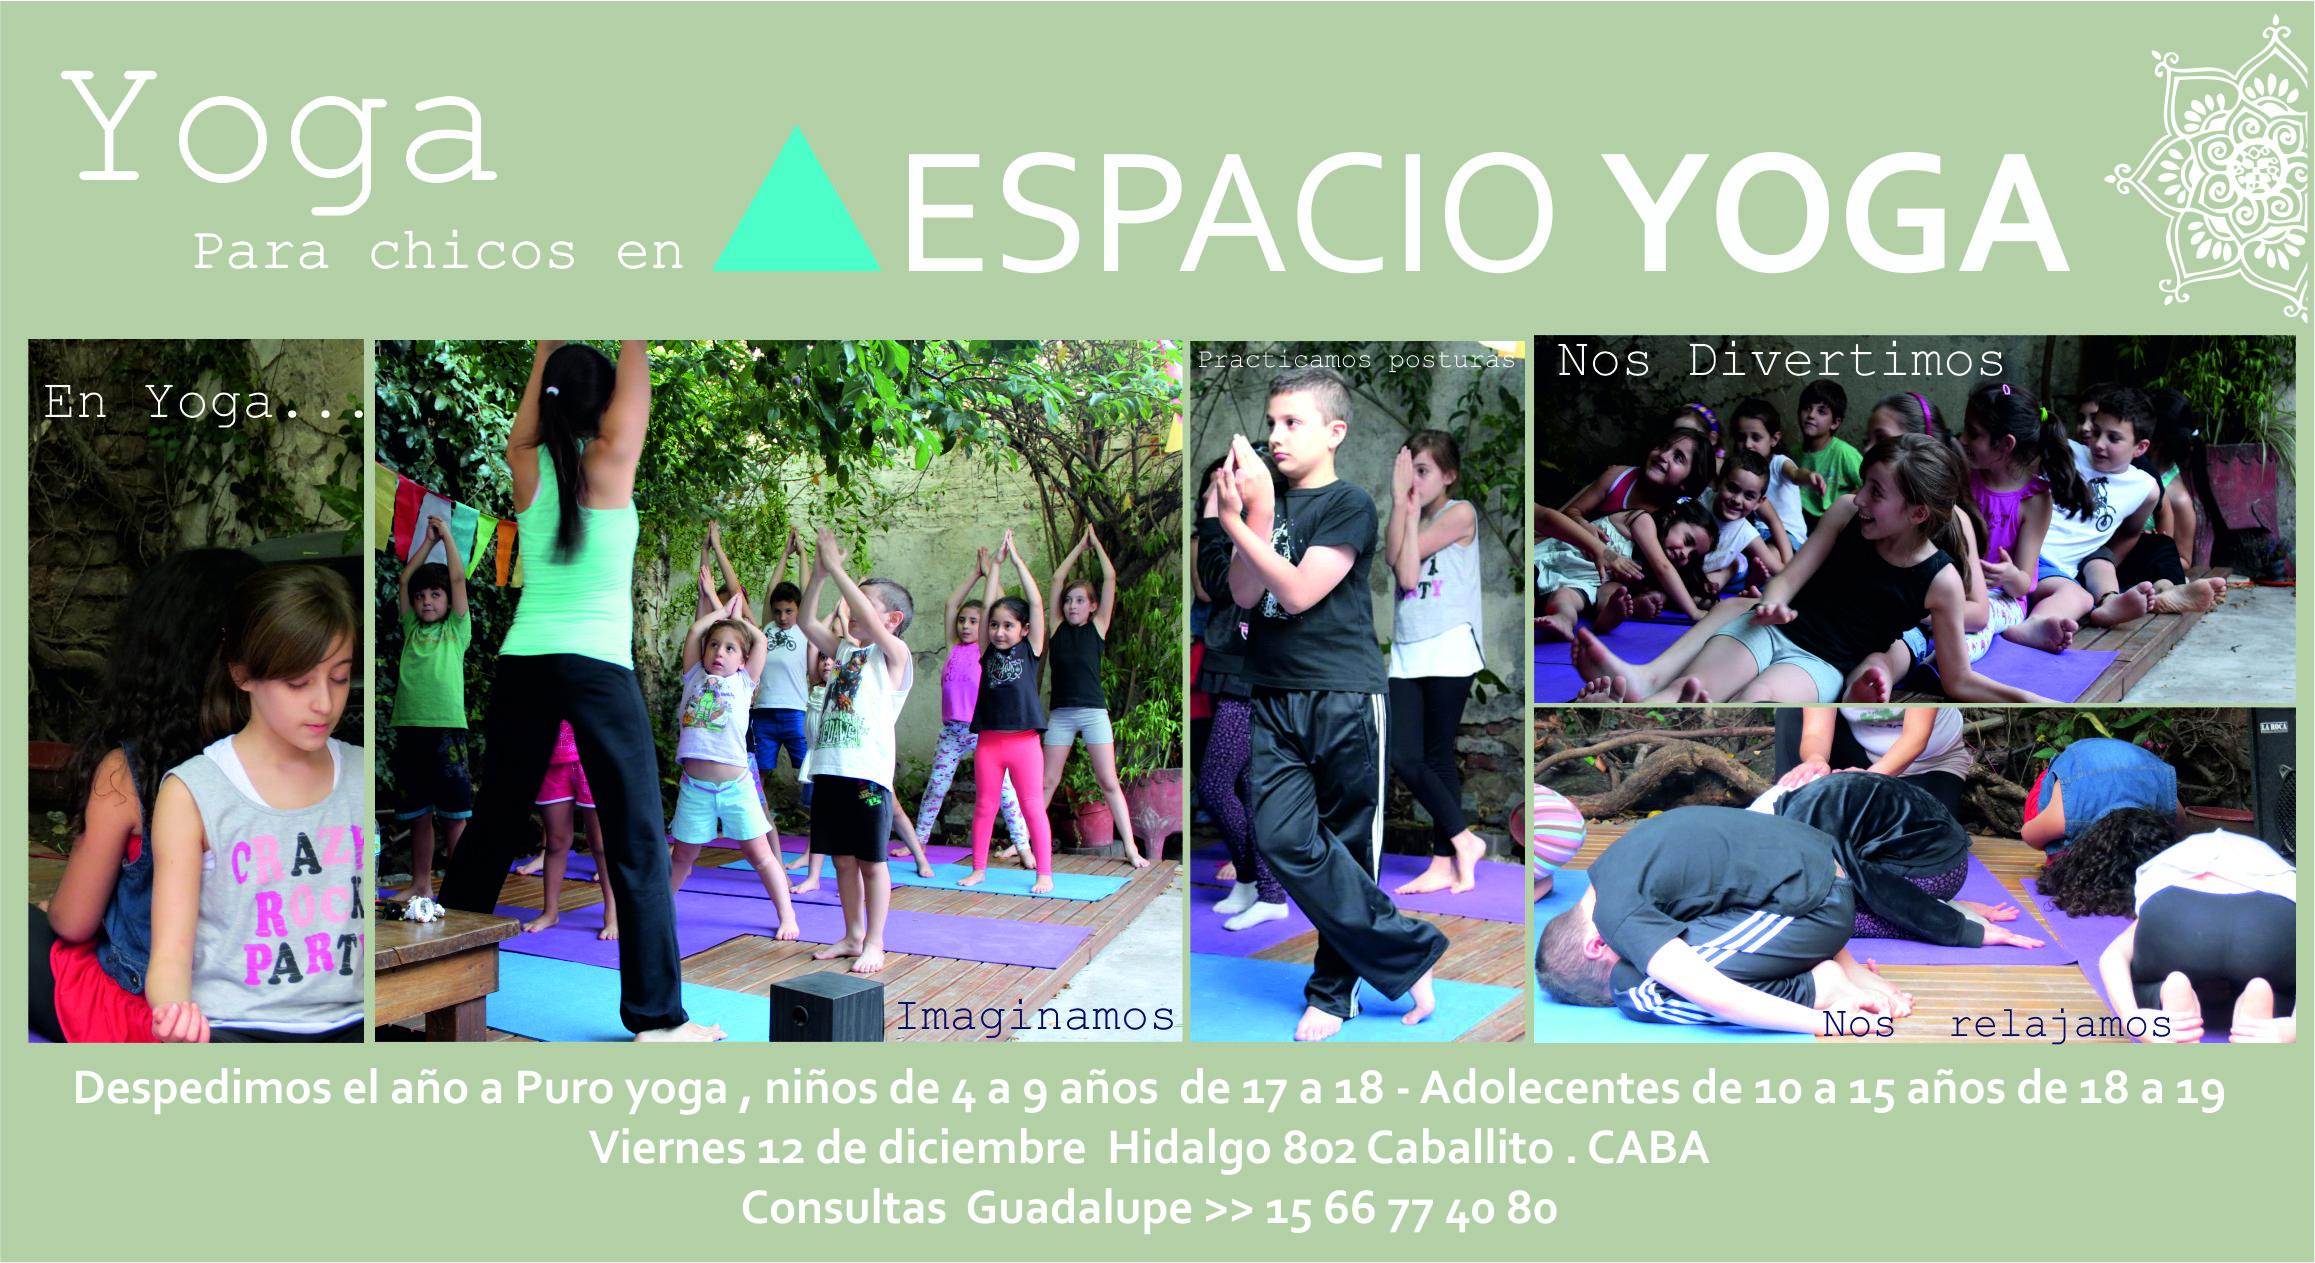 Diciembre: TALLER DE YOGA PARA NIÑOS Y ADOLESCENTES